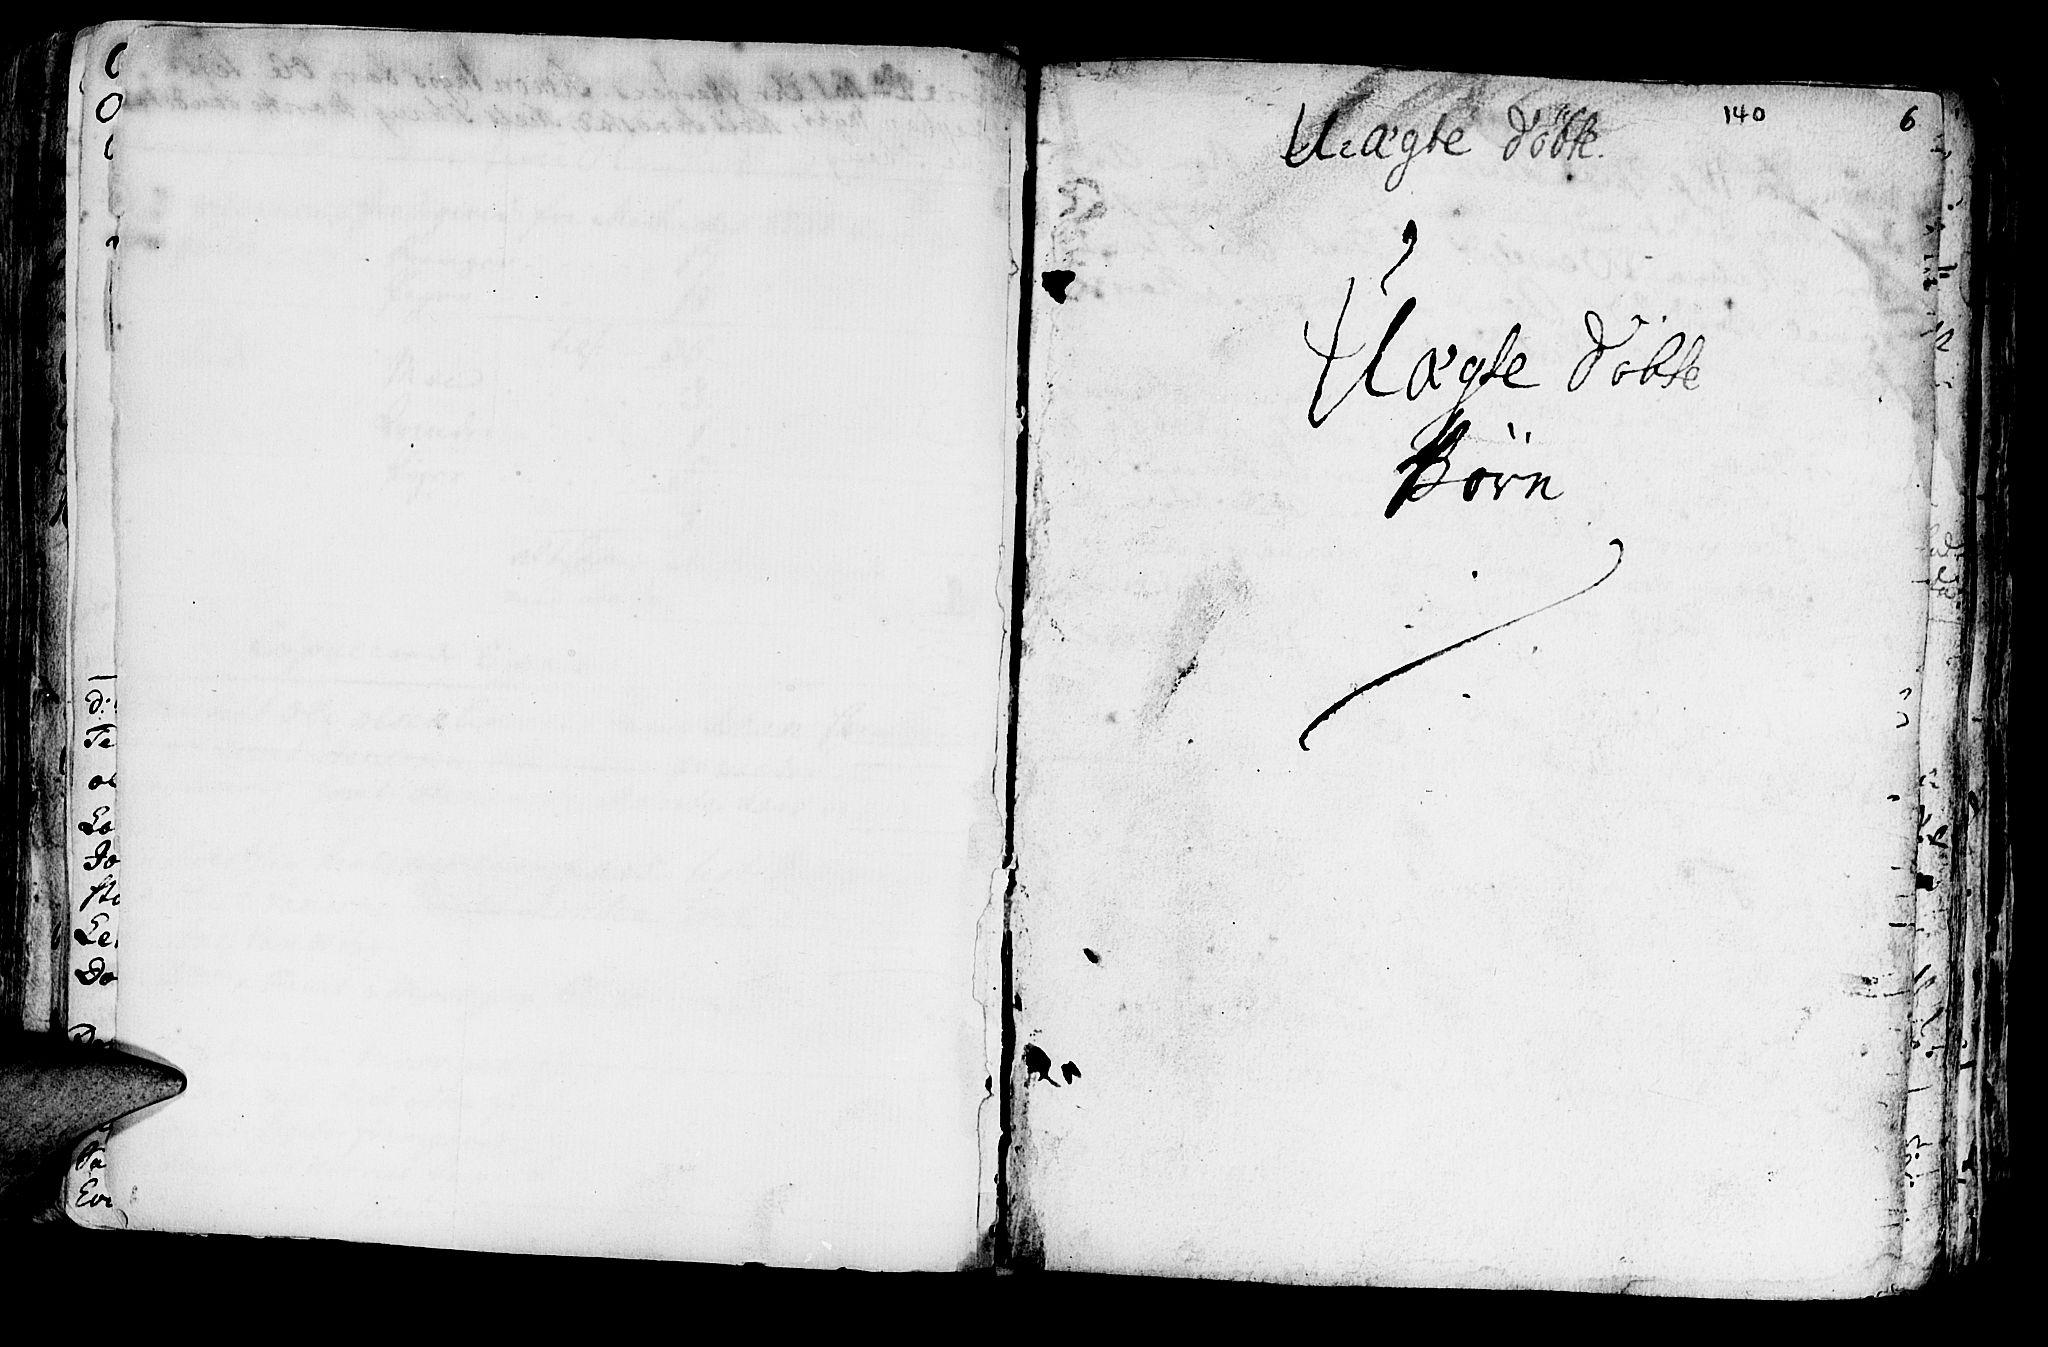 SAT, Ministerialprotokoller, klokkerbøker og fødselsregistre - Nord-Trøndelag, 722/L0215: Ministerialbok nr. 722A02, 1718-1755, s. 140